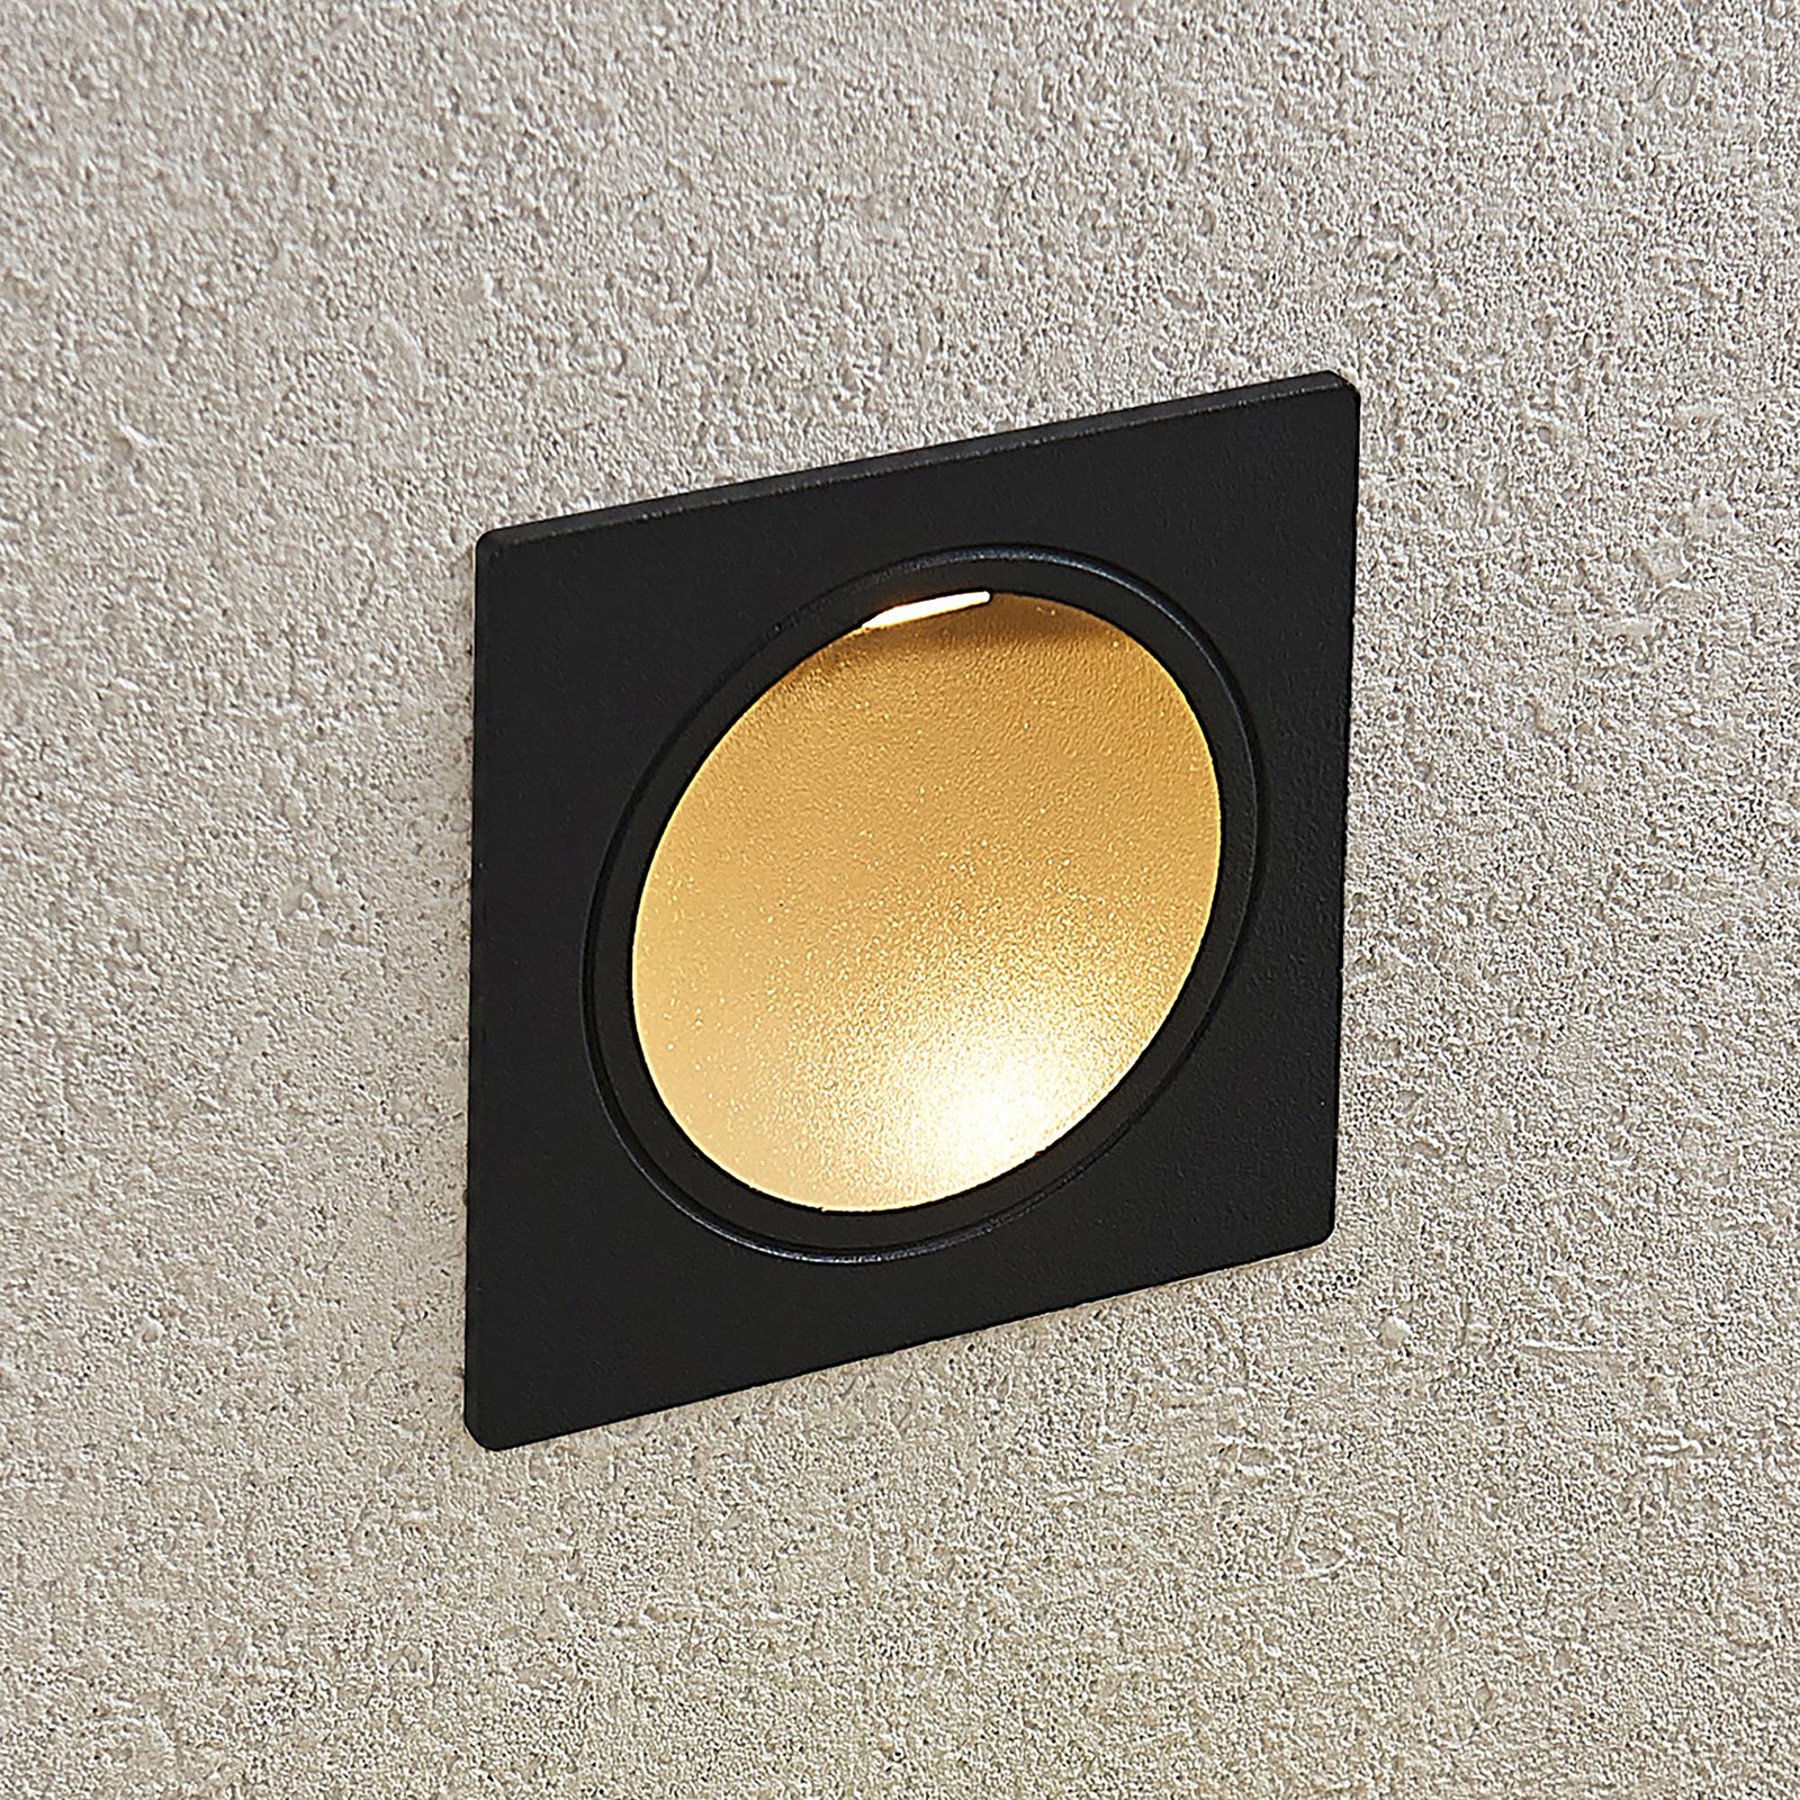 Lucande LED nástěnné vestavné svítidlo Pordis IP65 hranaté